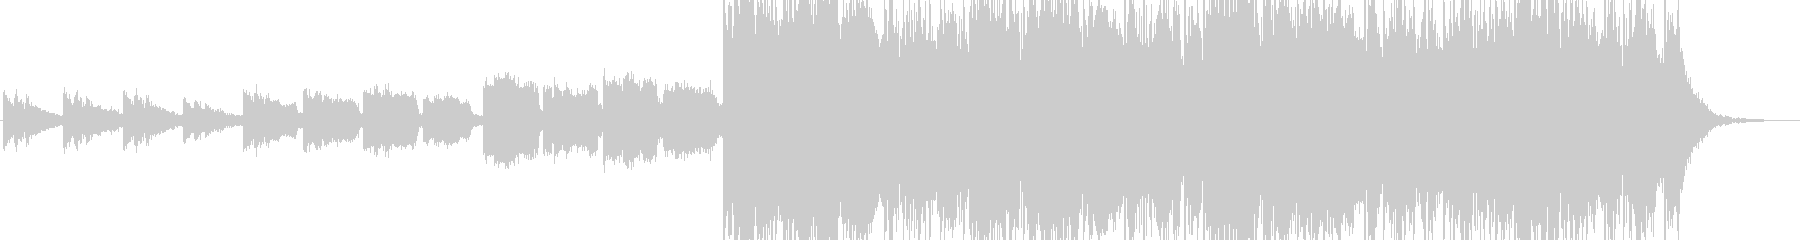 思案、模索中の様なエレクトロアンビエントの未再生の波形